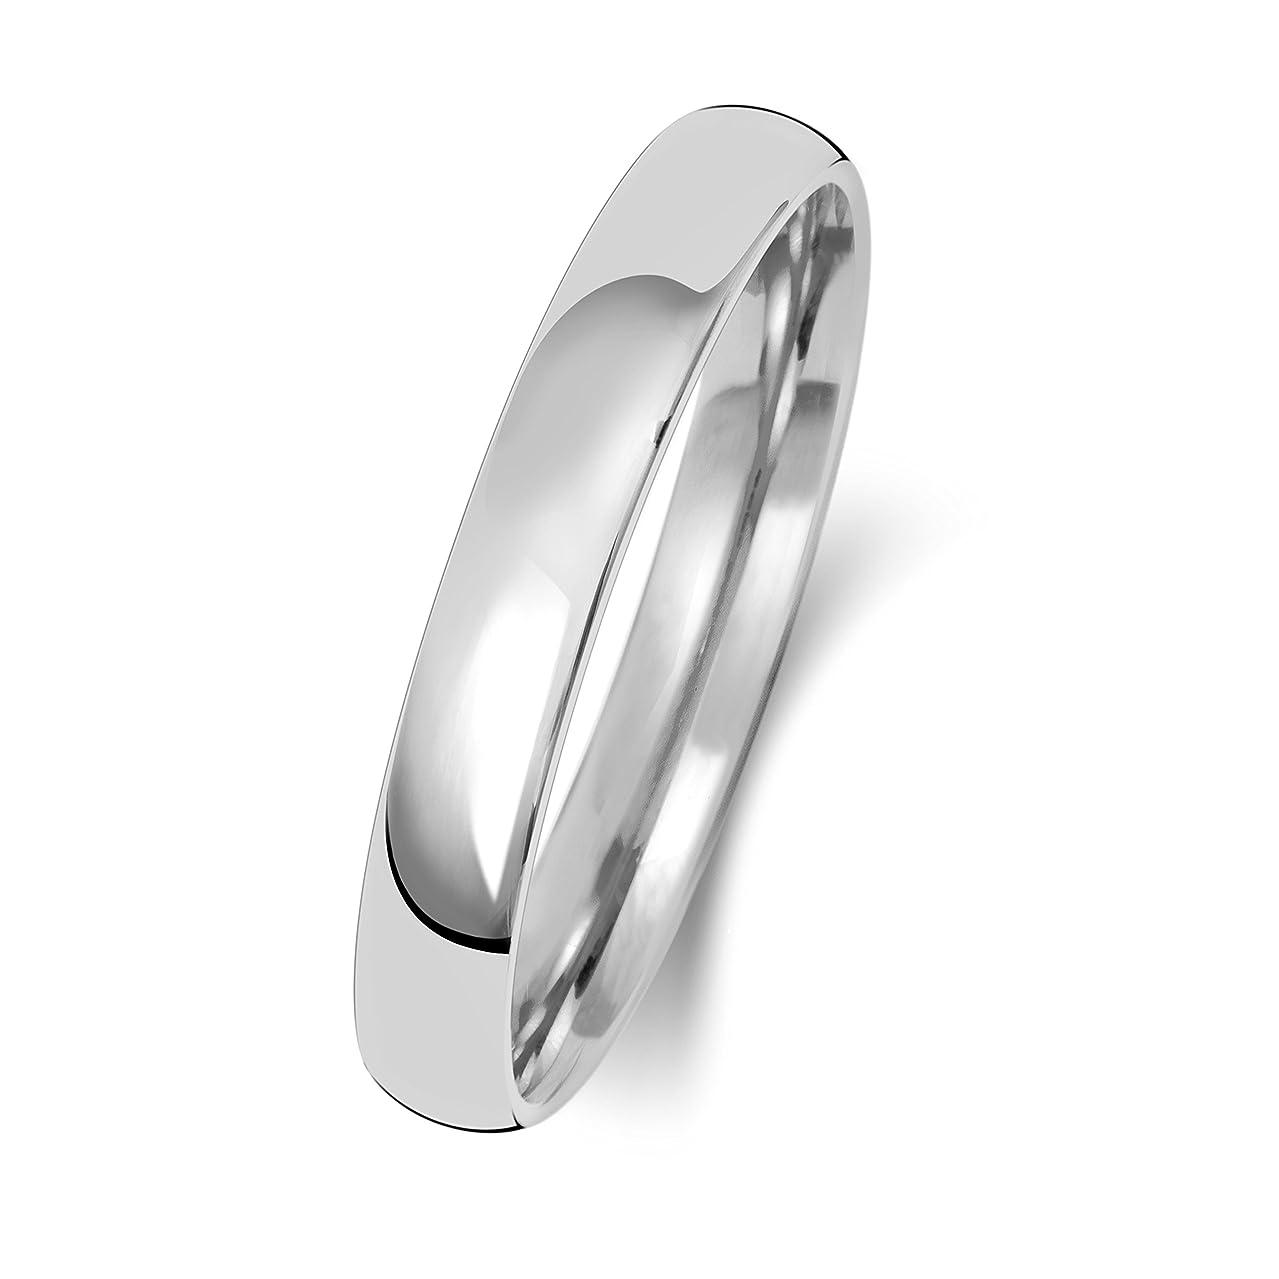 息切れ繕う比較的プラチナ Pt950 3mm 男性 女性 ウェディングバンド マリッジリング(結婚指輪) WQS15103PT950